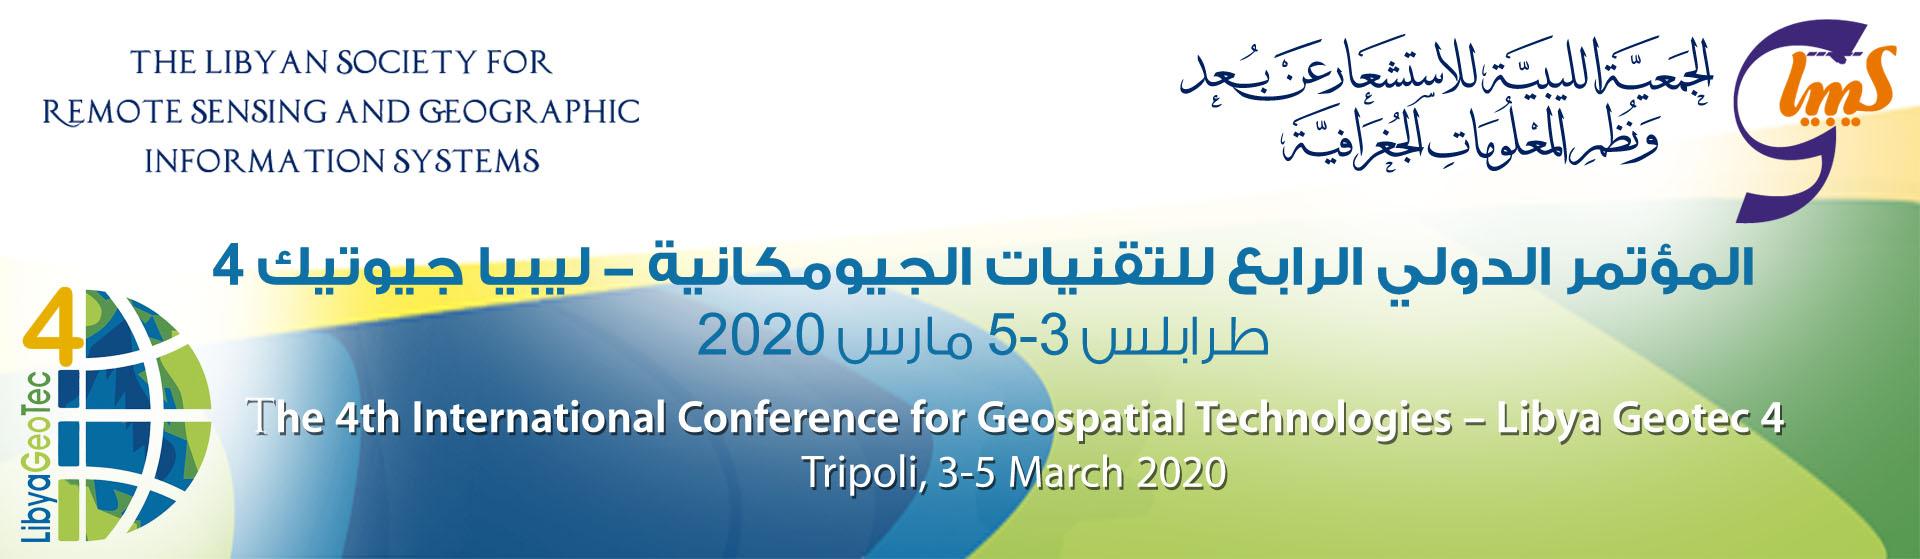 المؤتمر الدولي الرابع للتقنيات الجيومكانية